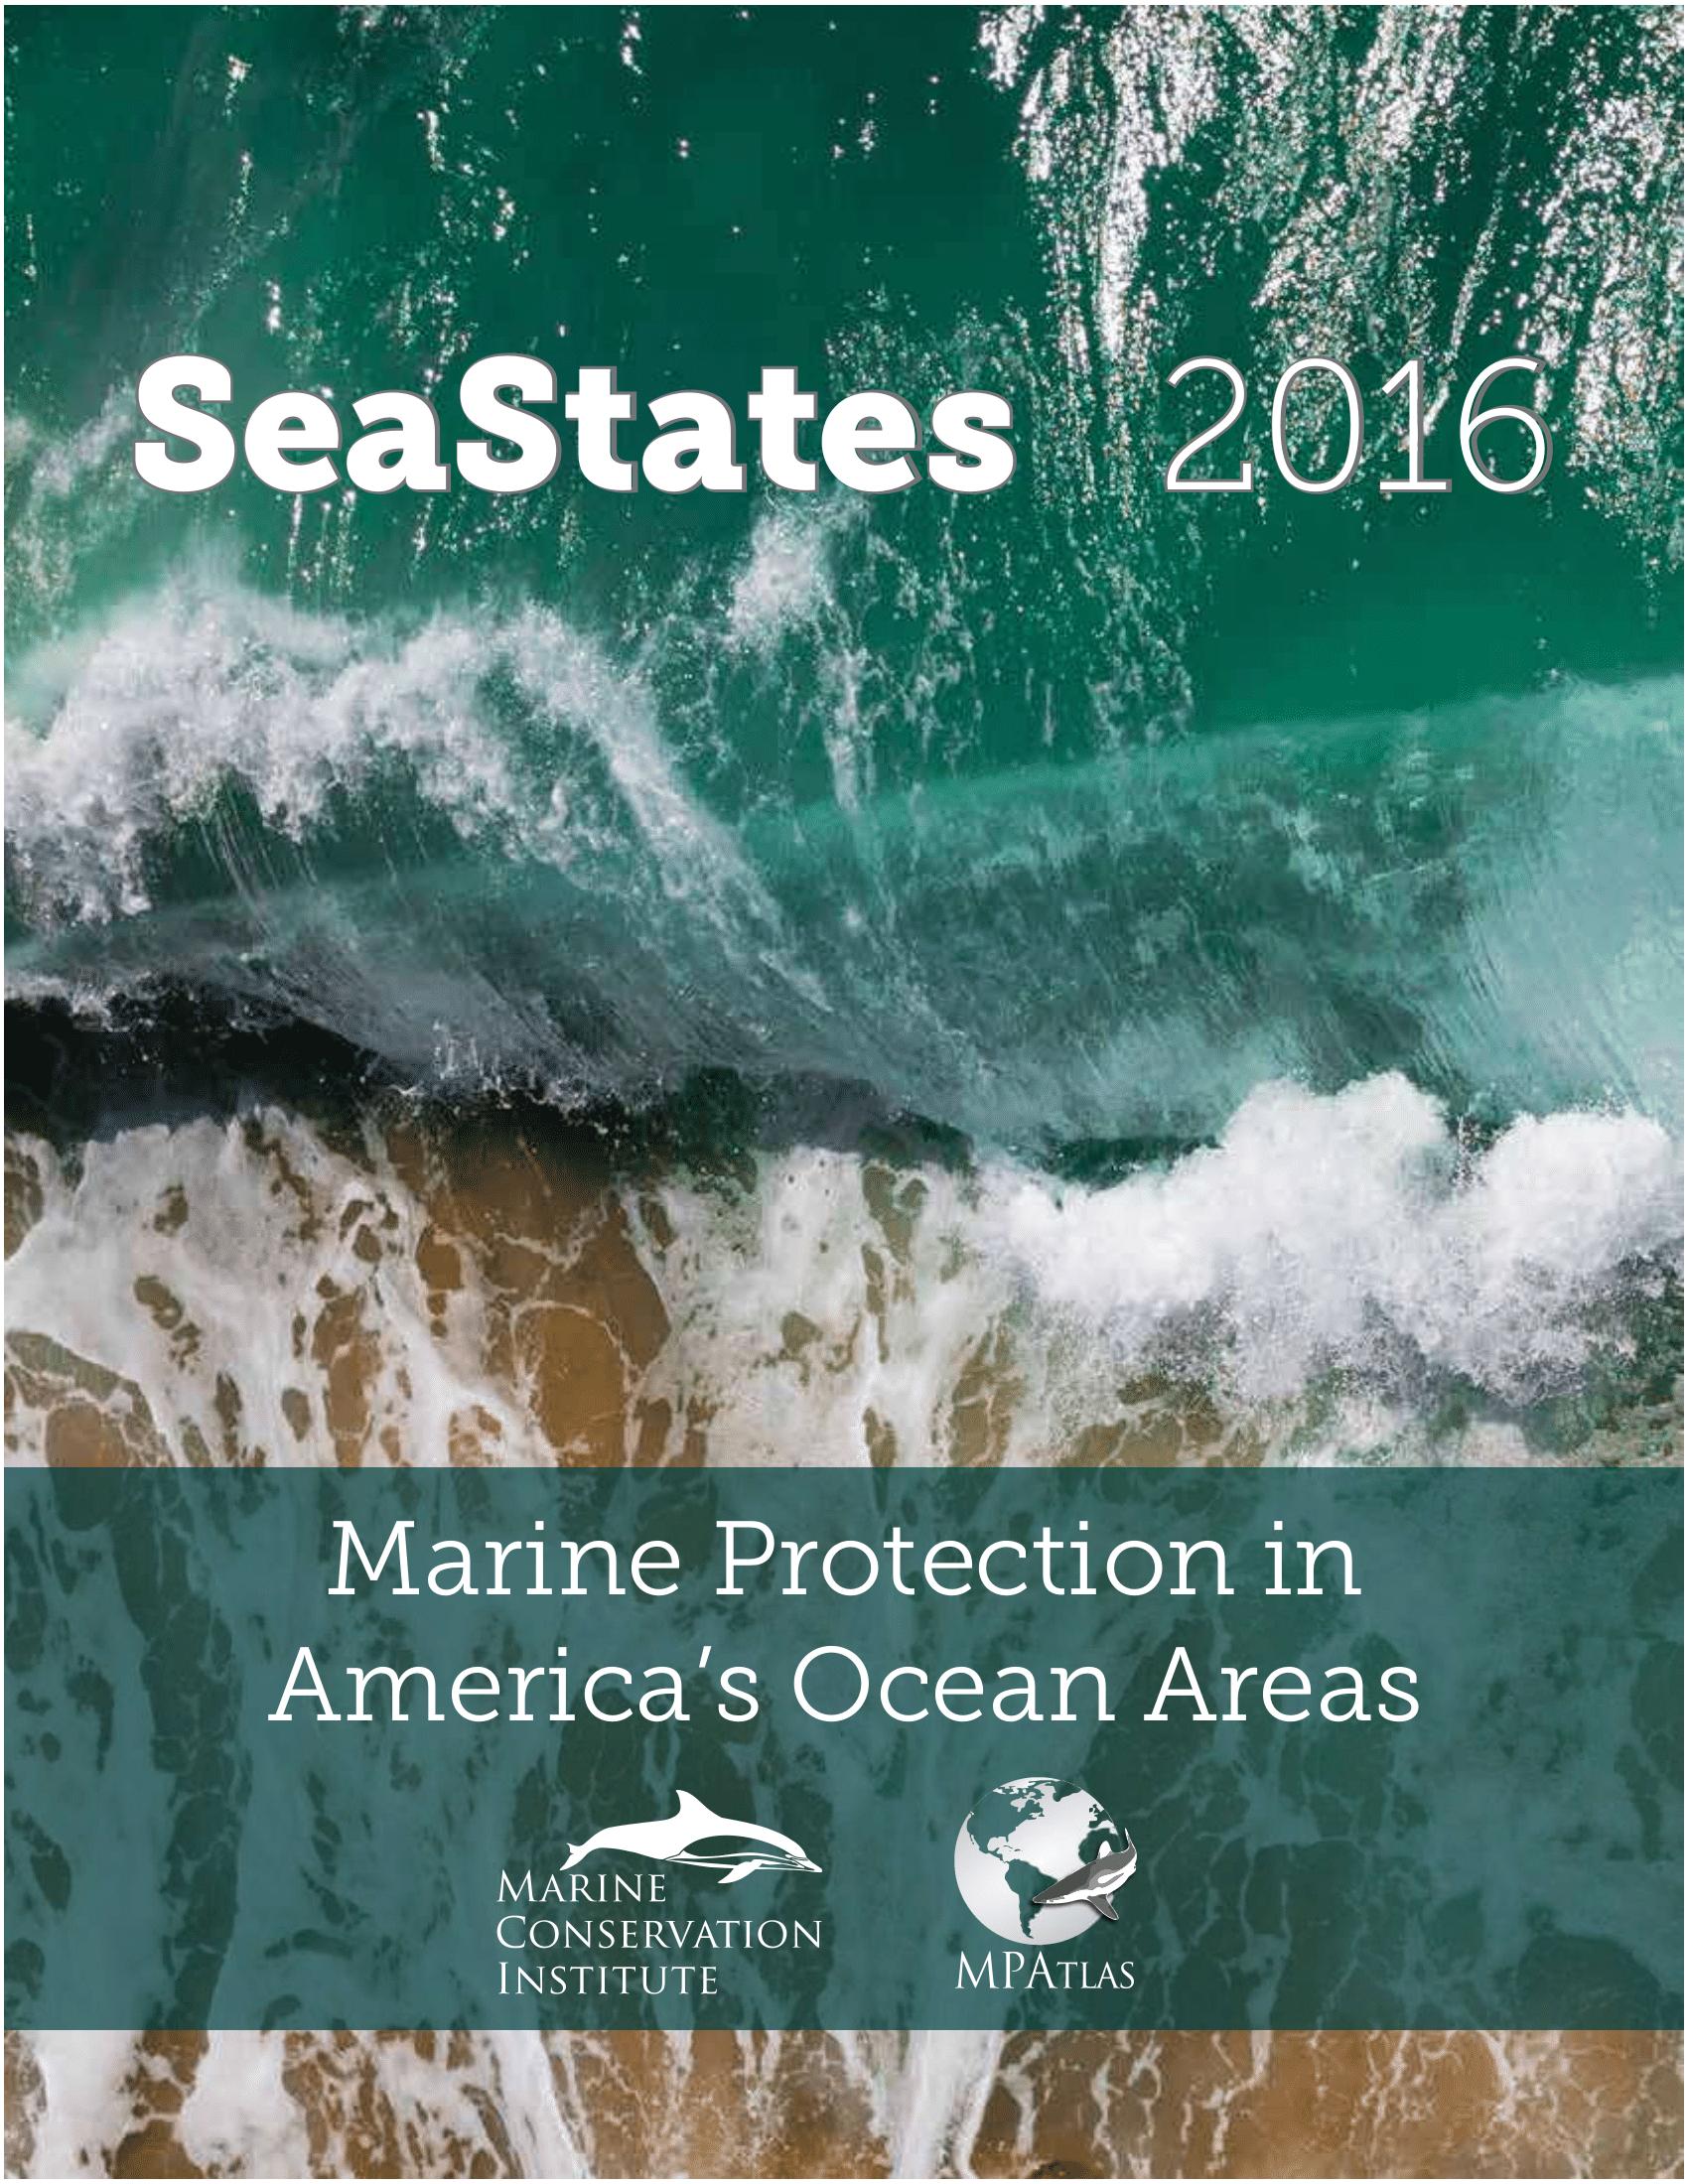 seastates_us_2016_titlepage-1